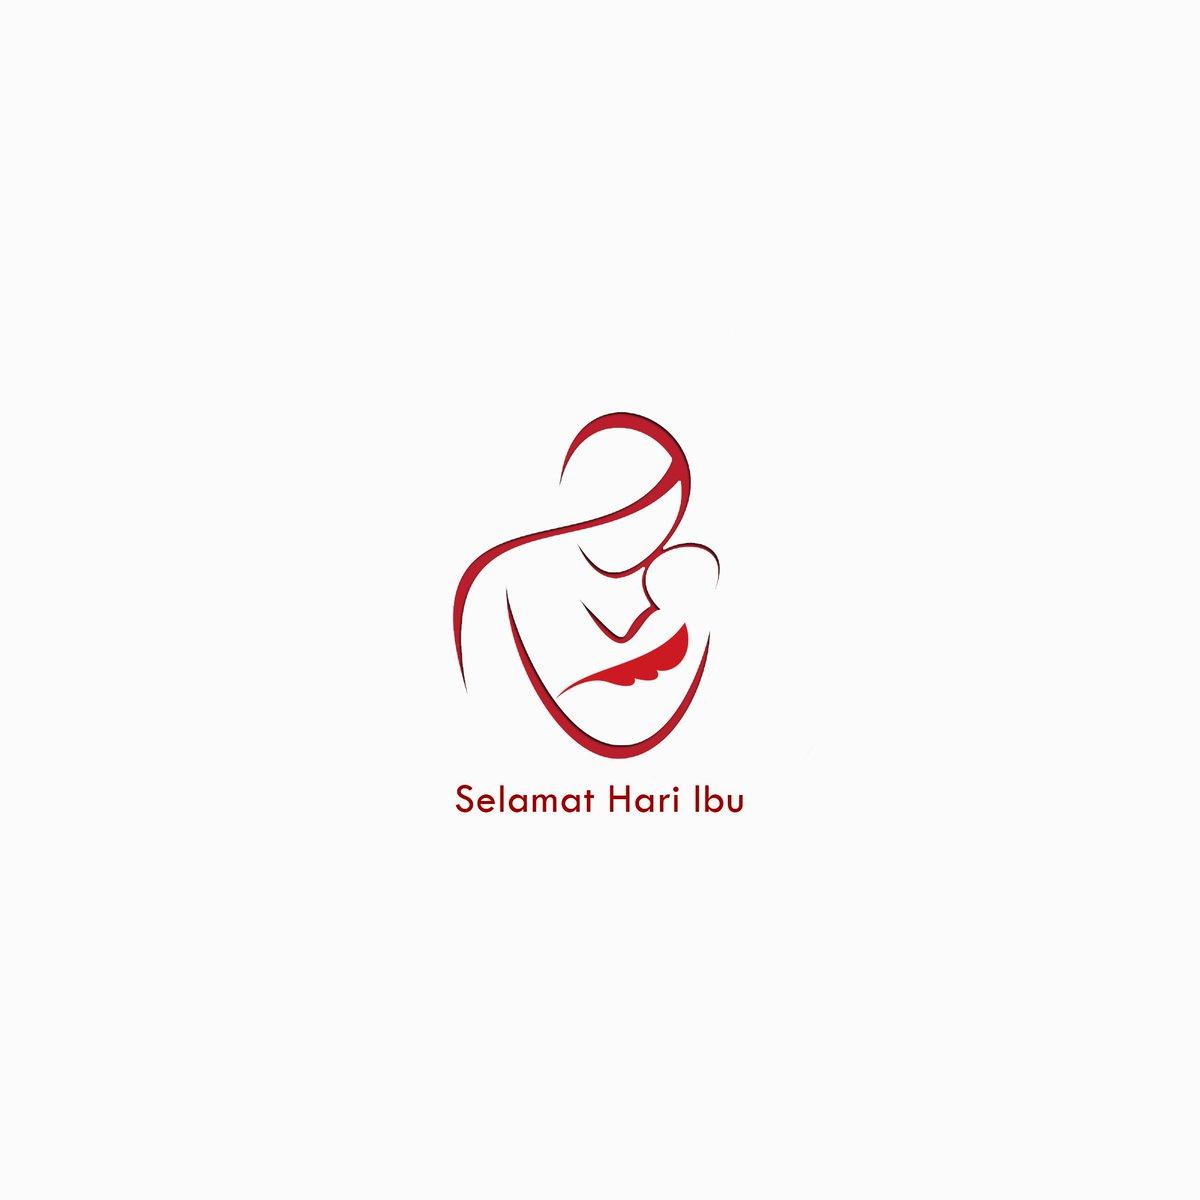 Selamat Hari Ibu bagi seluruh Ibu & seluruh calon Ibu :)